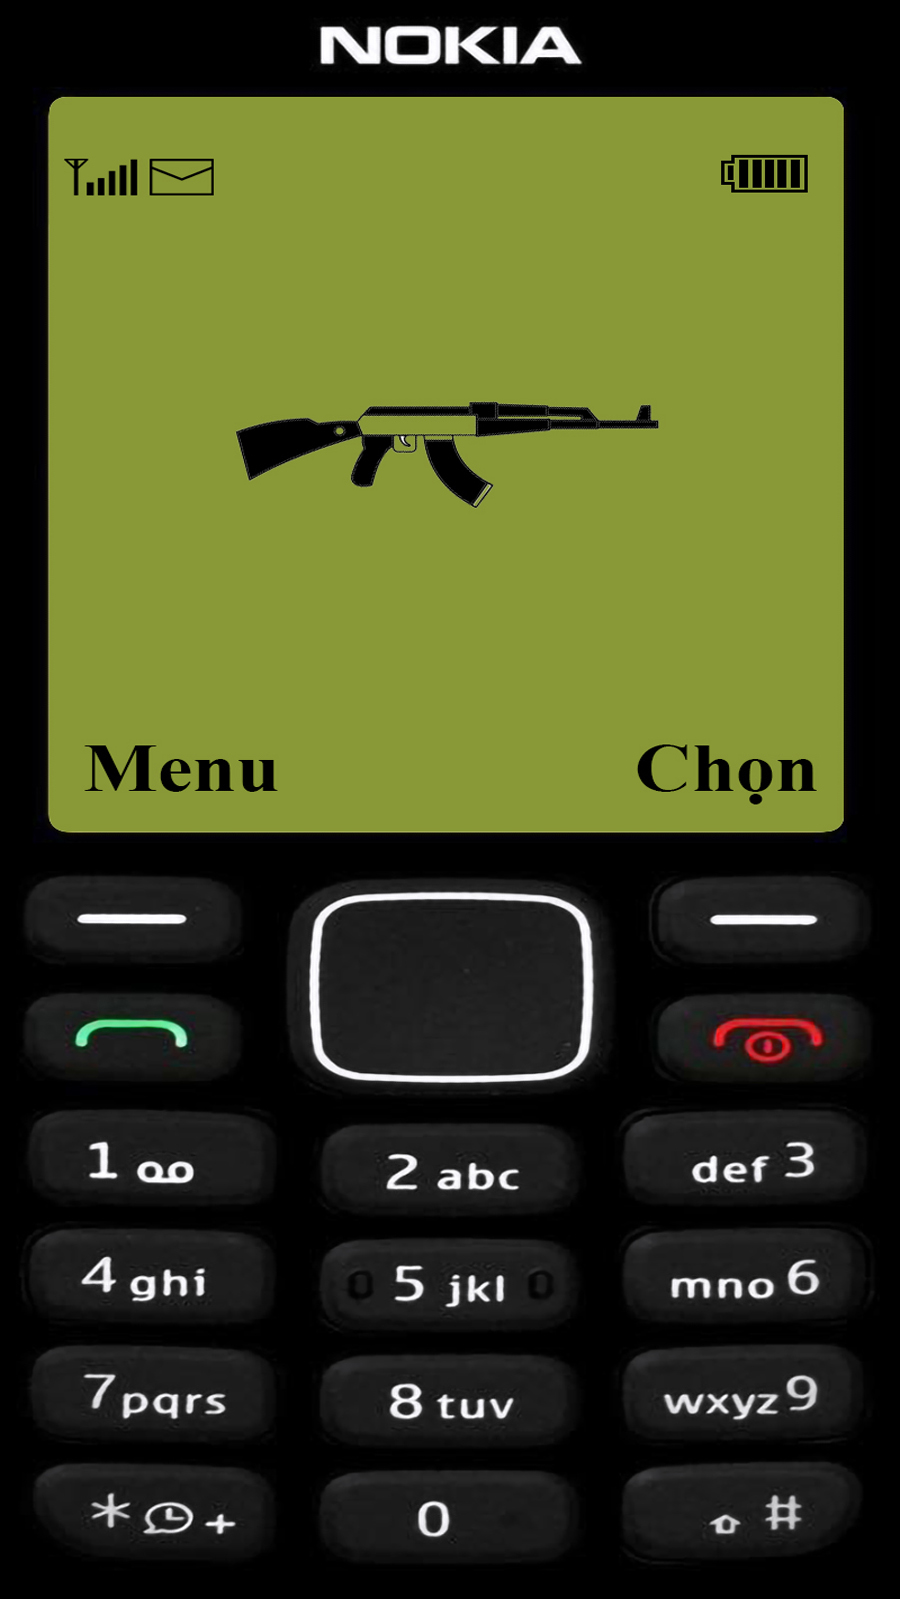 hinh nen nokia 1280 danh cho iphone 6 7 8